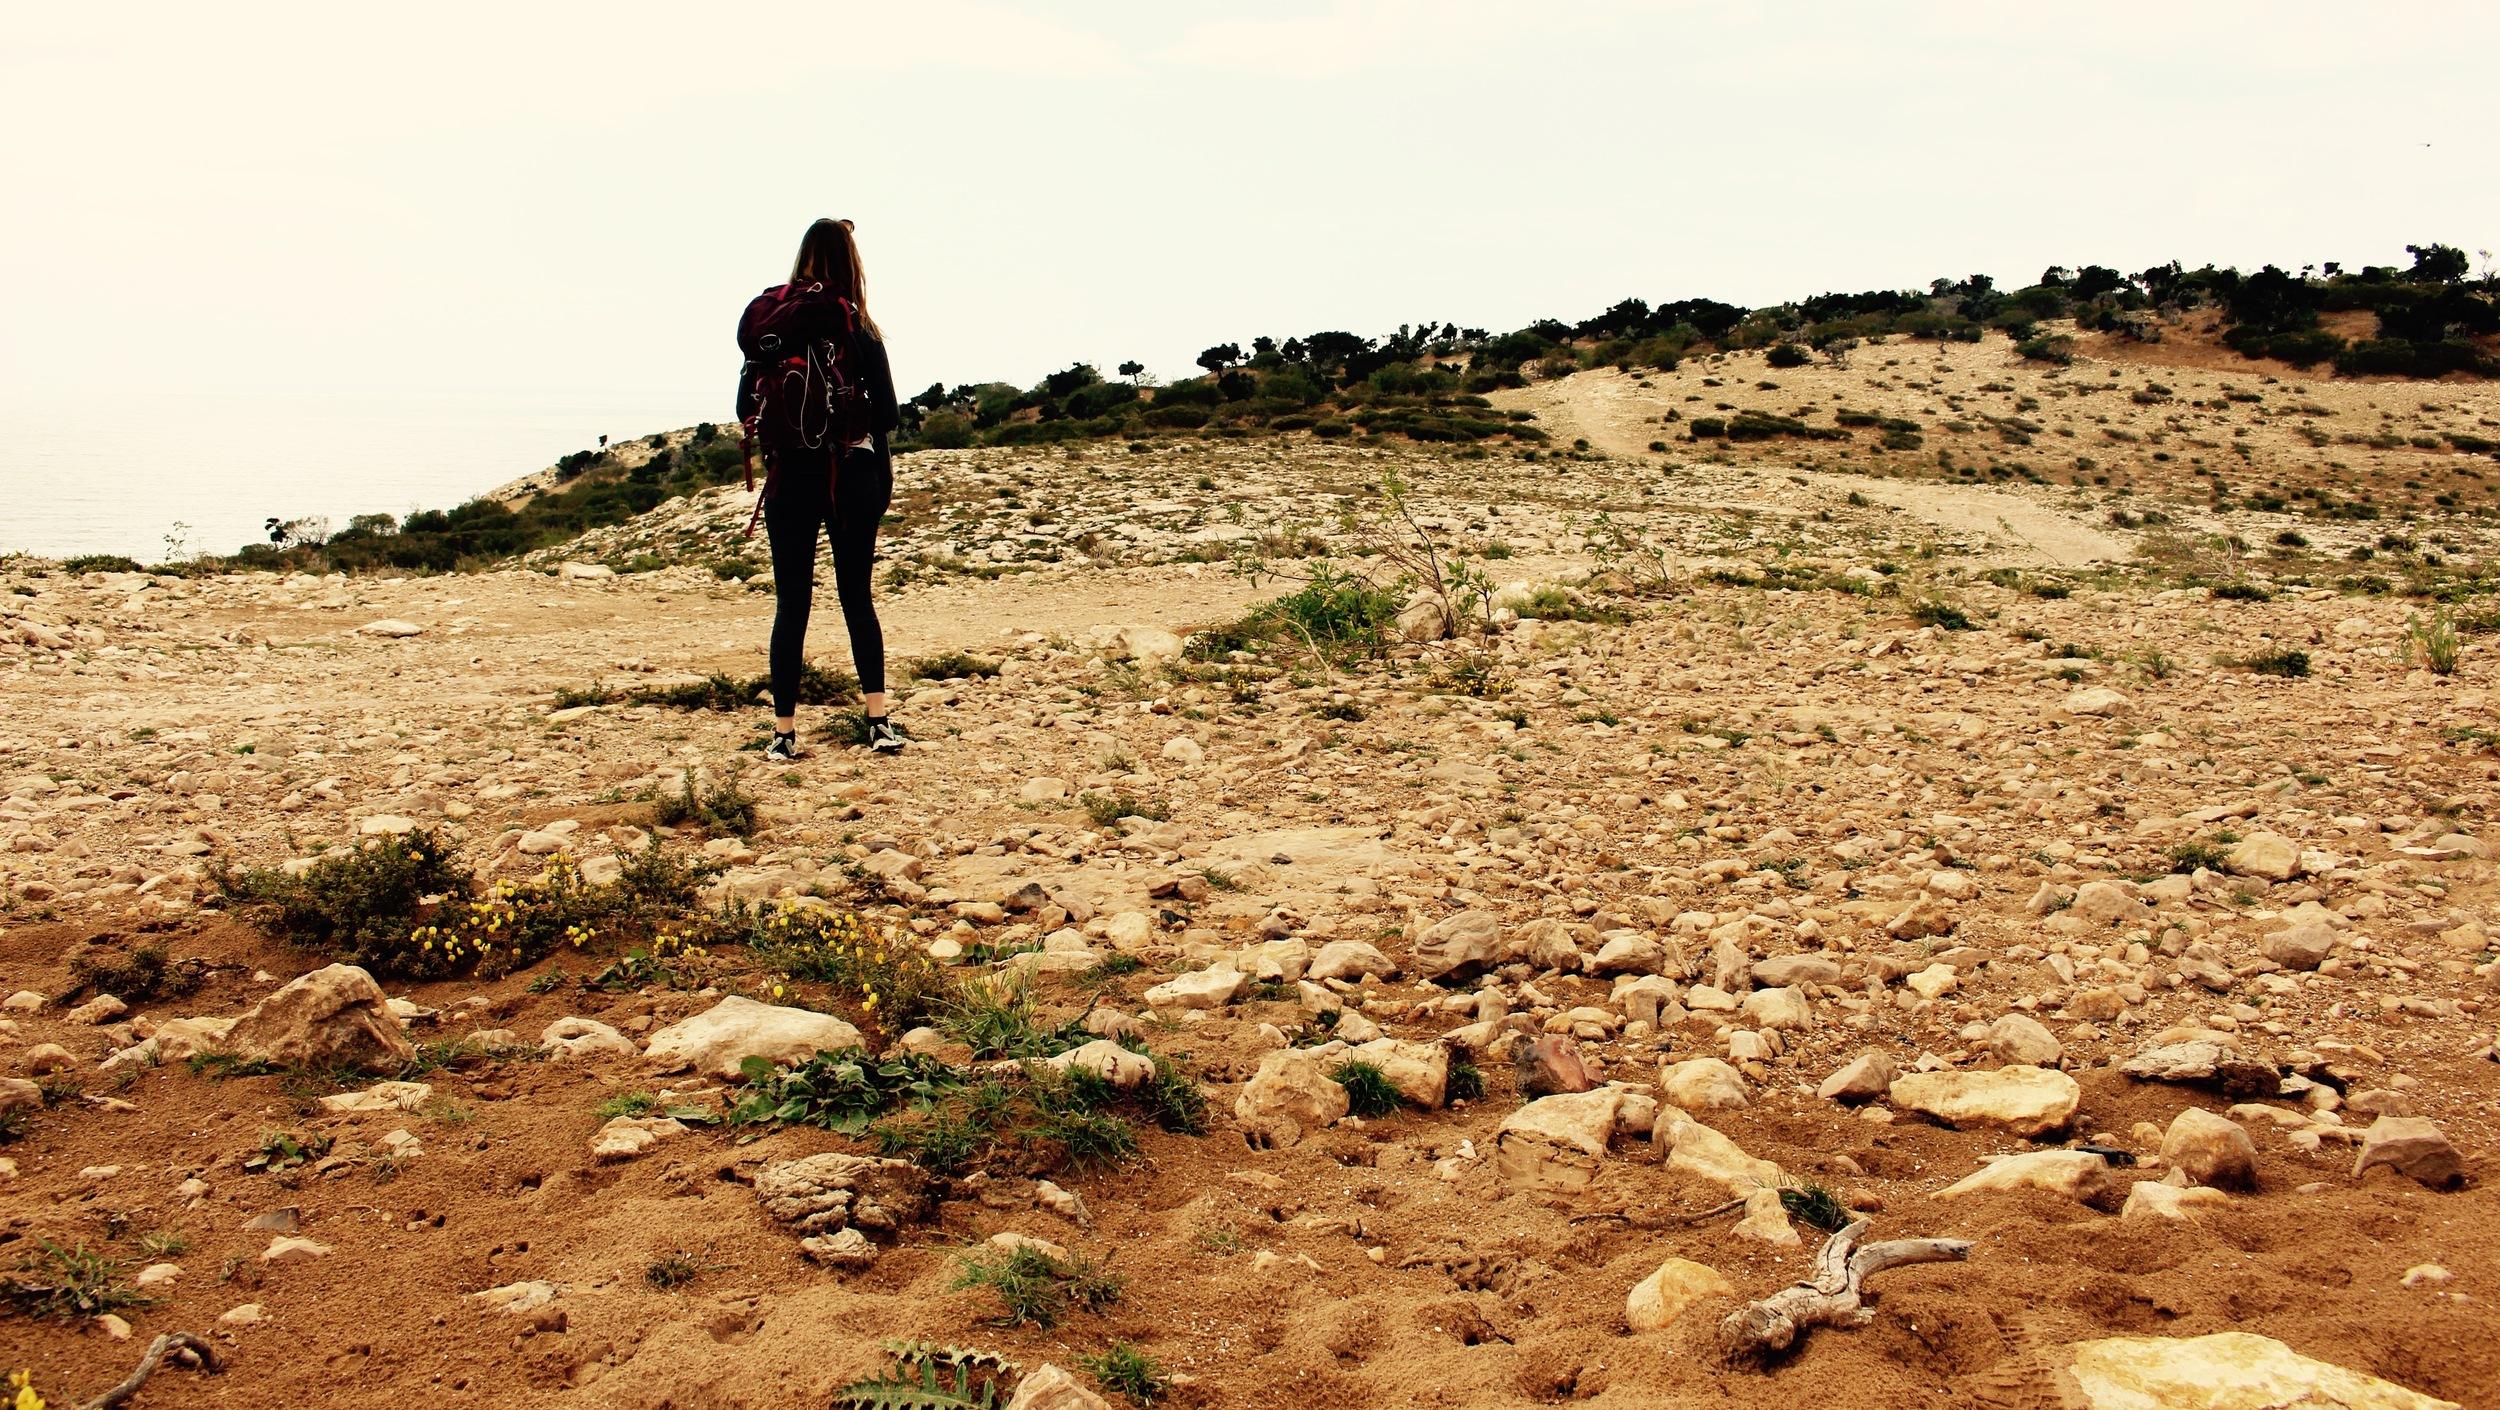 Hiking to Cap sim